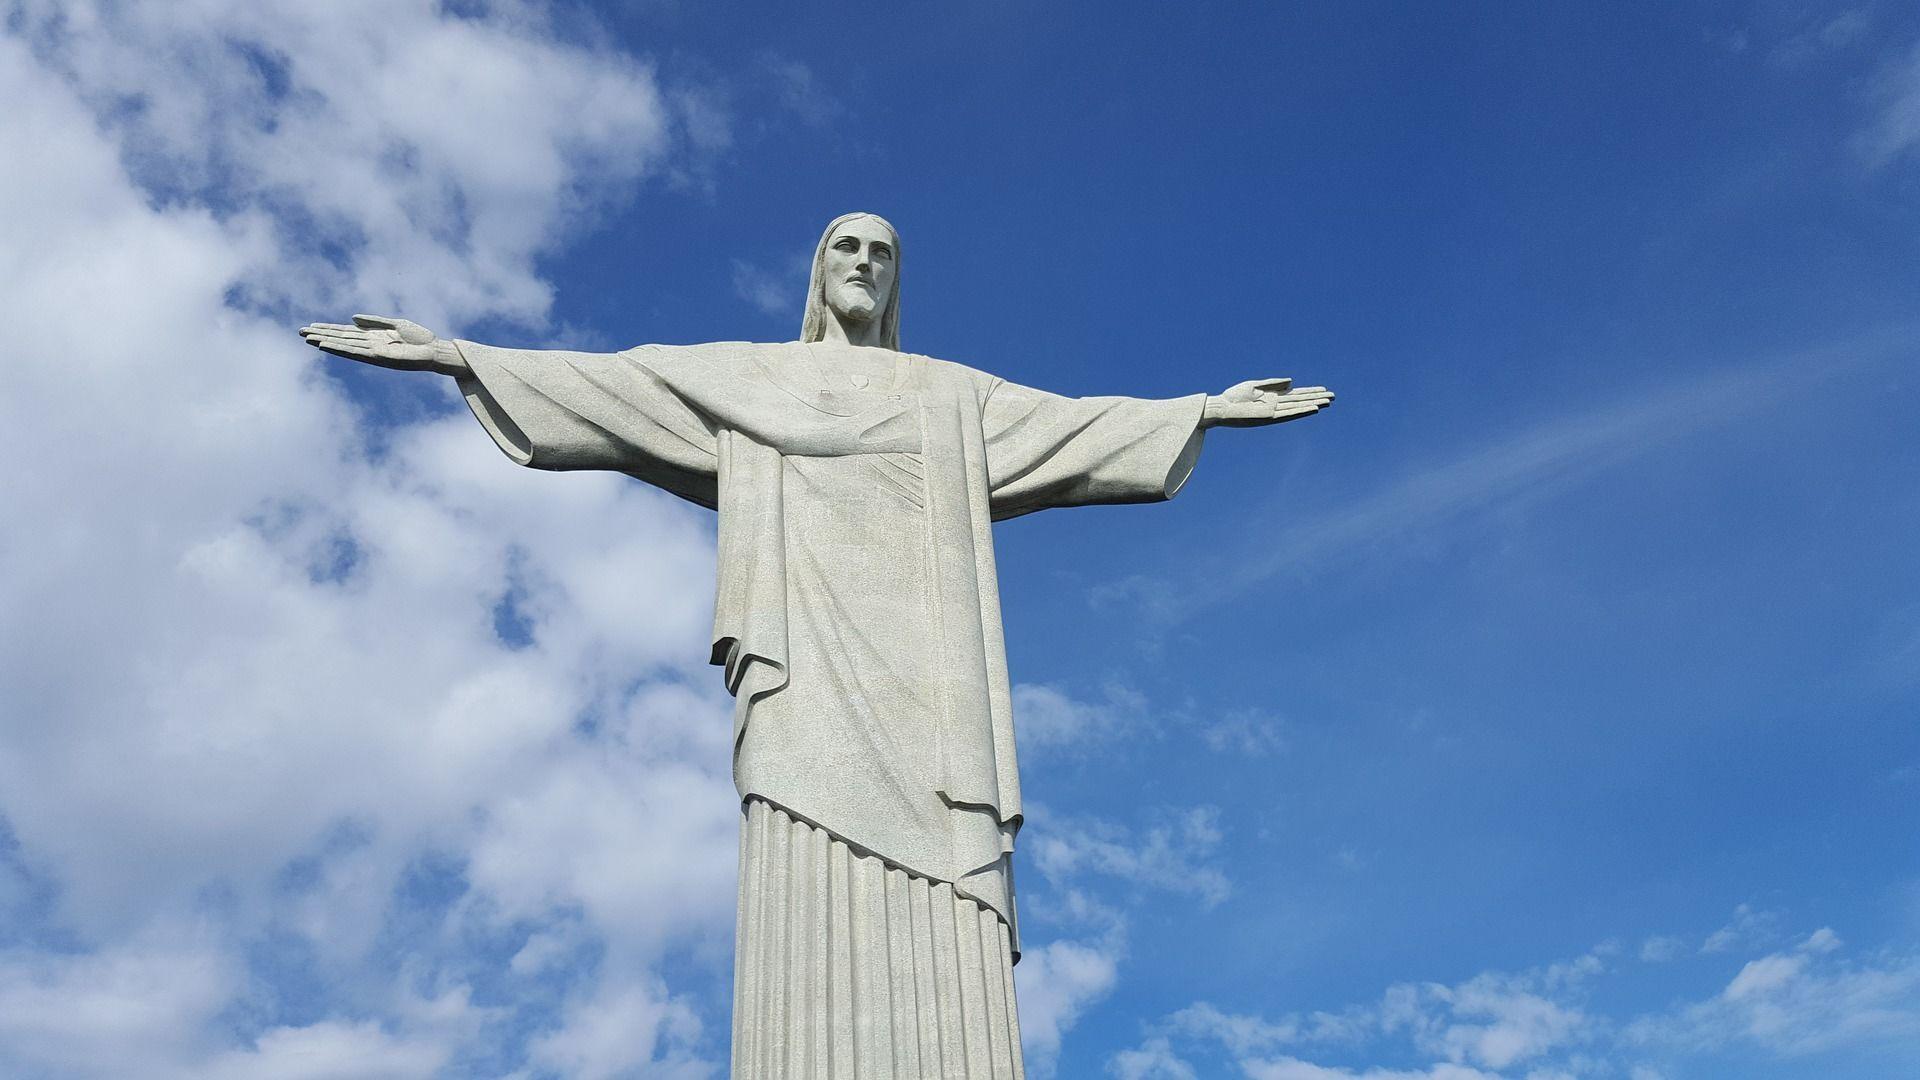 La estatua del Cristo Redentor, Río de Janeiro, Brasil - Sputnik Mundo, 1920, 03.05.2021